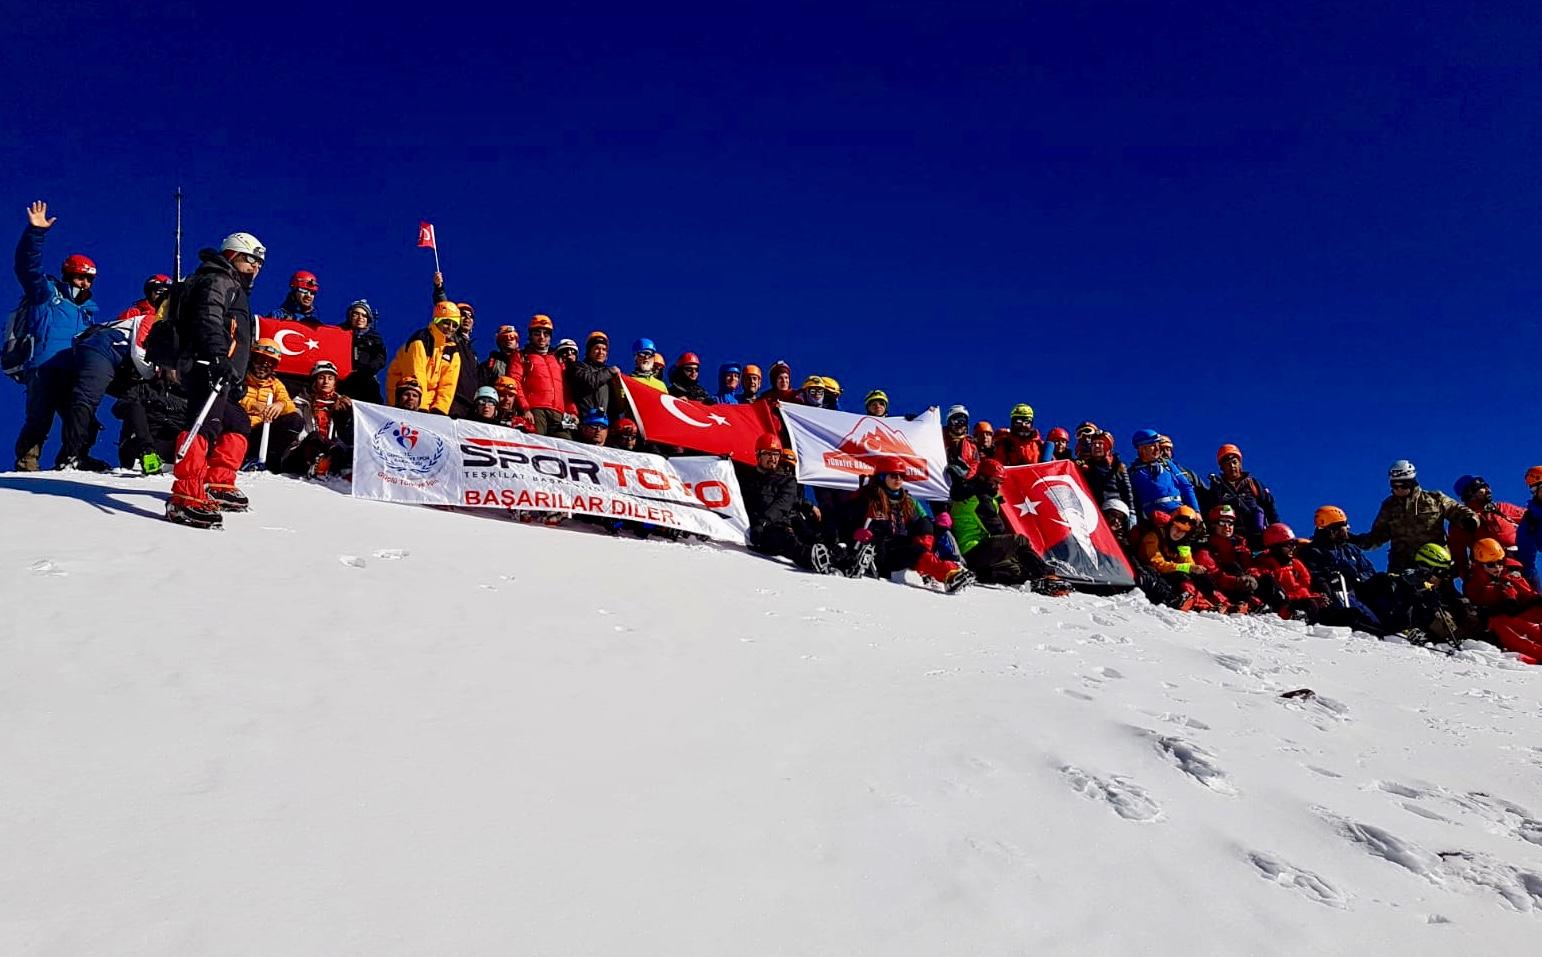 29 Ekim Cumhuriyet Tırmanışı Erciyes Dağı'nda gerçekleştirildi.